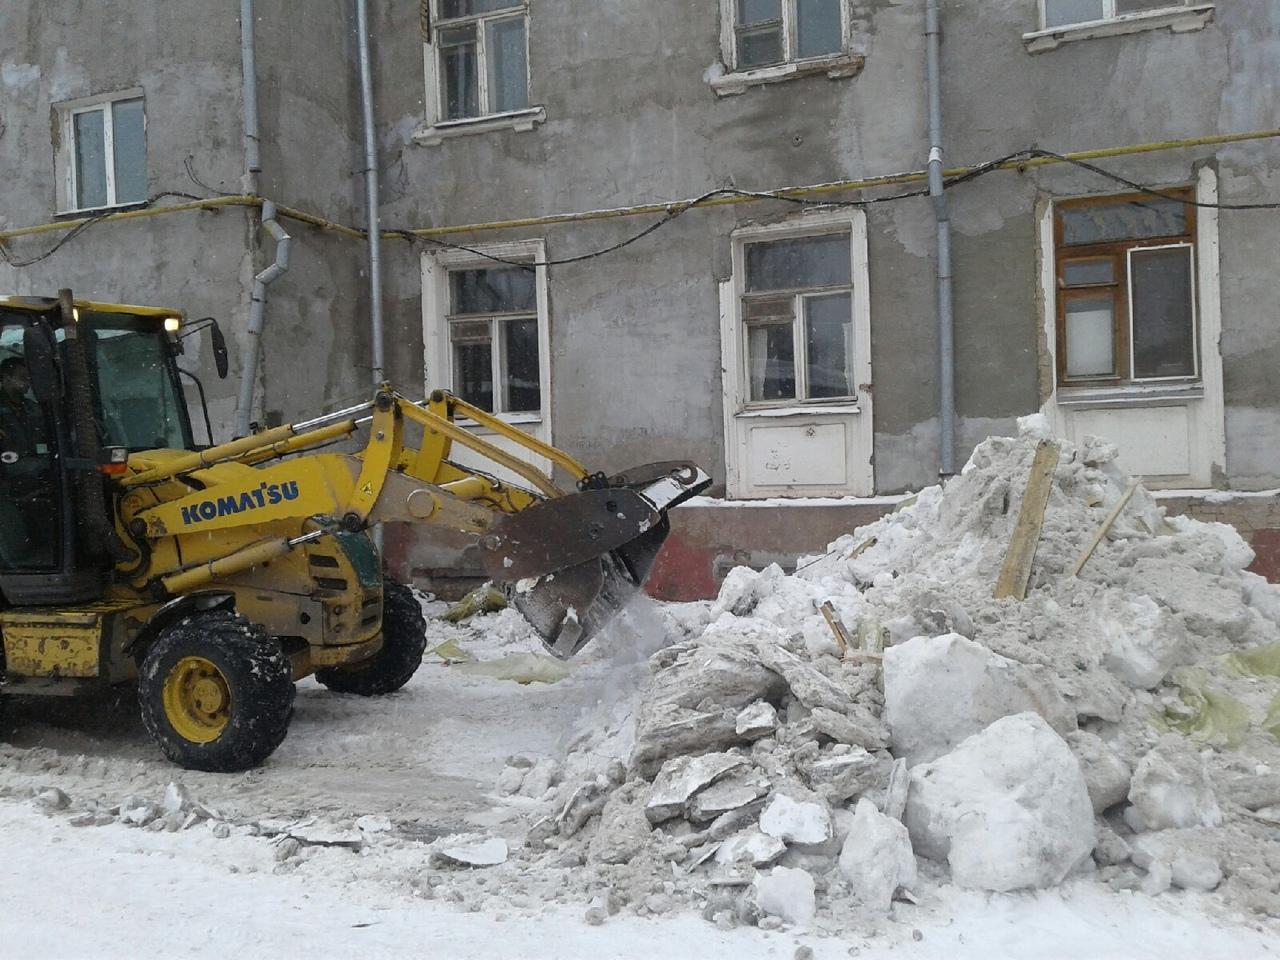 Омские чиновники считают, что управляющие компании оперативно убирают снег #Новости #Общество #Омск